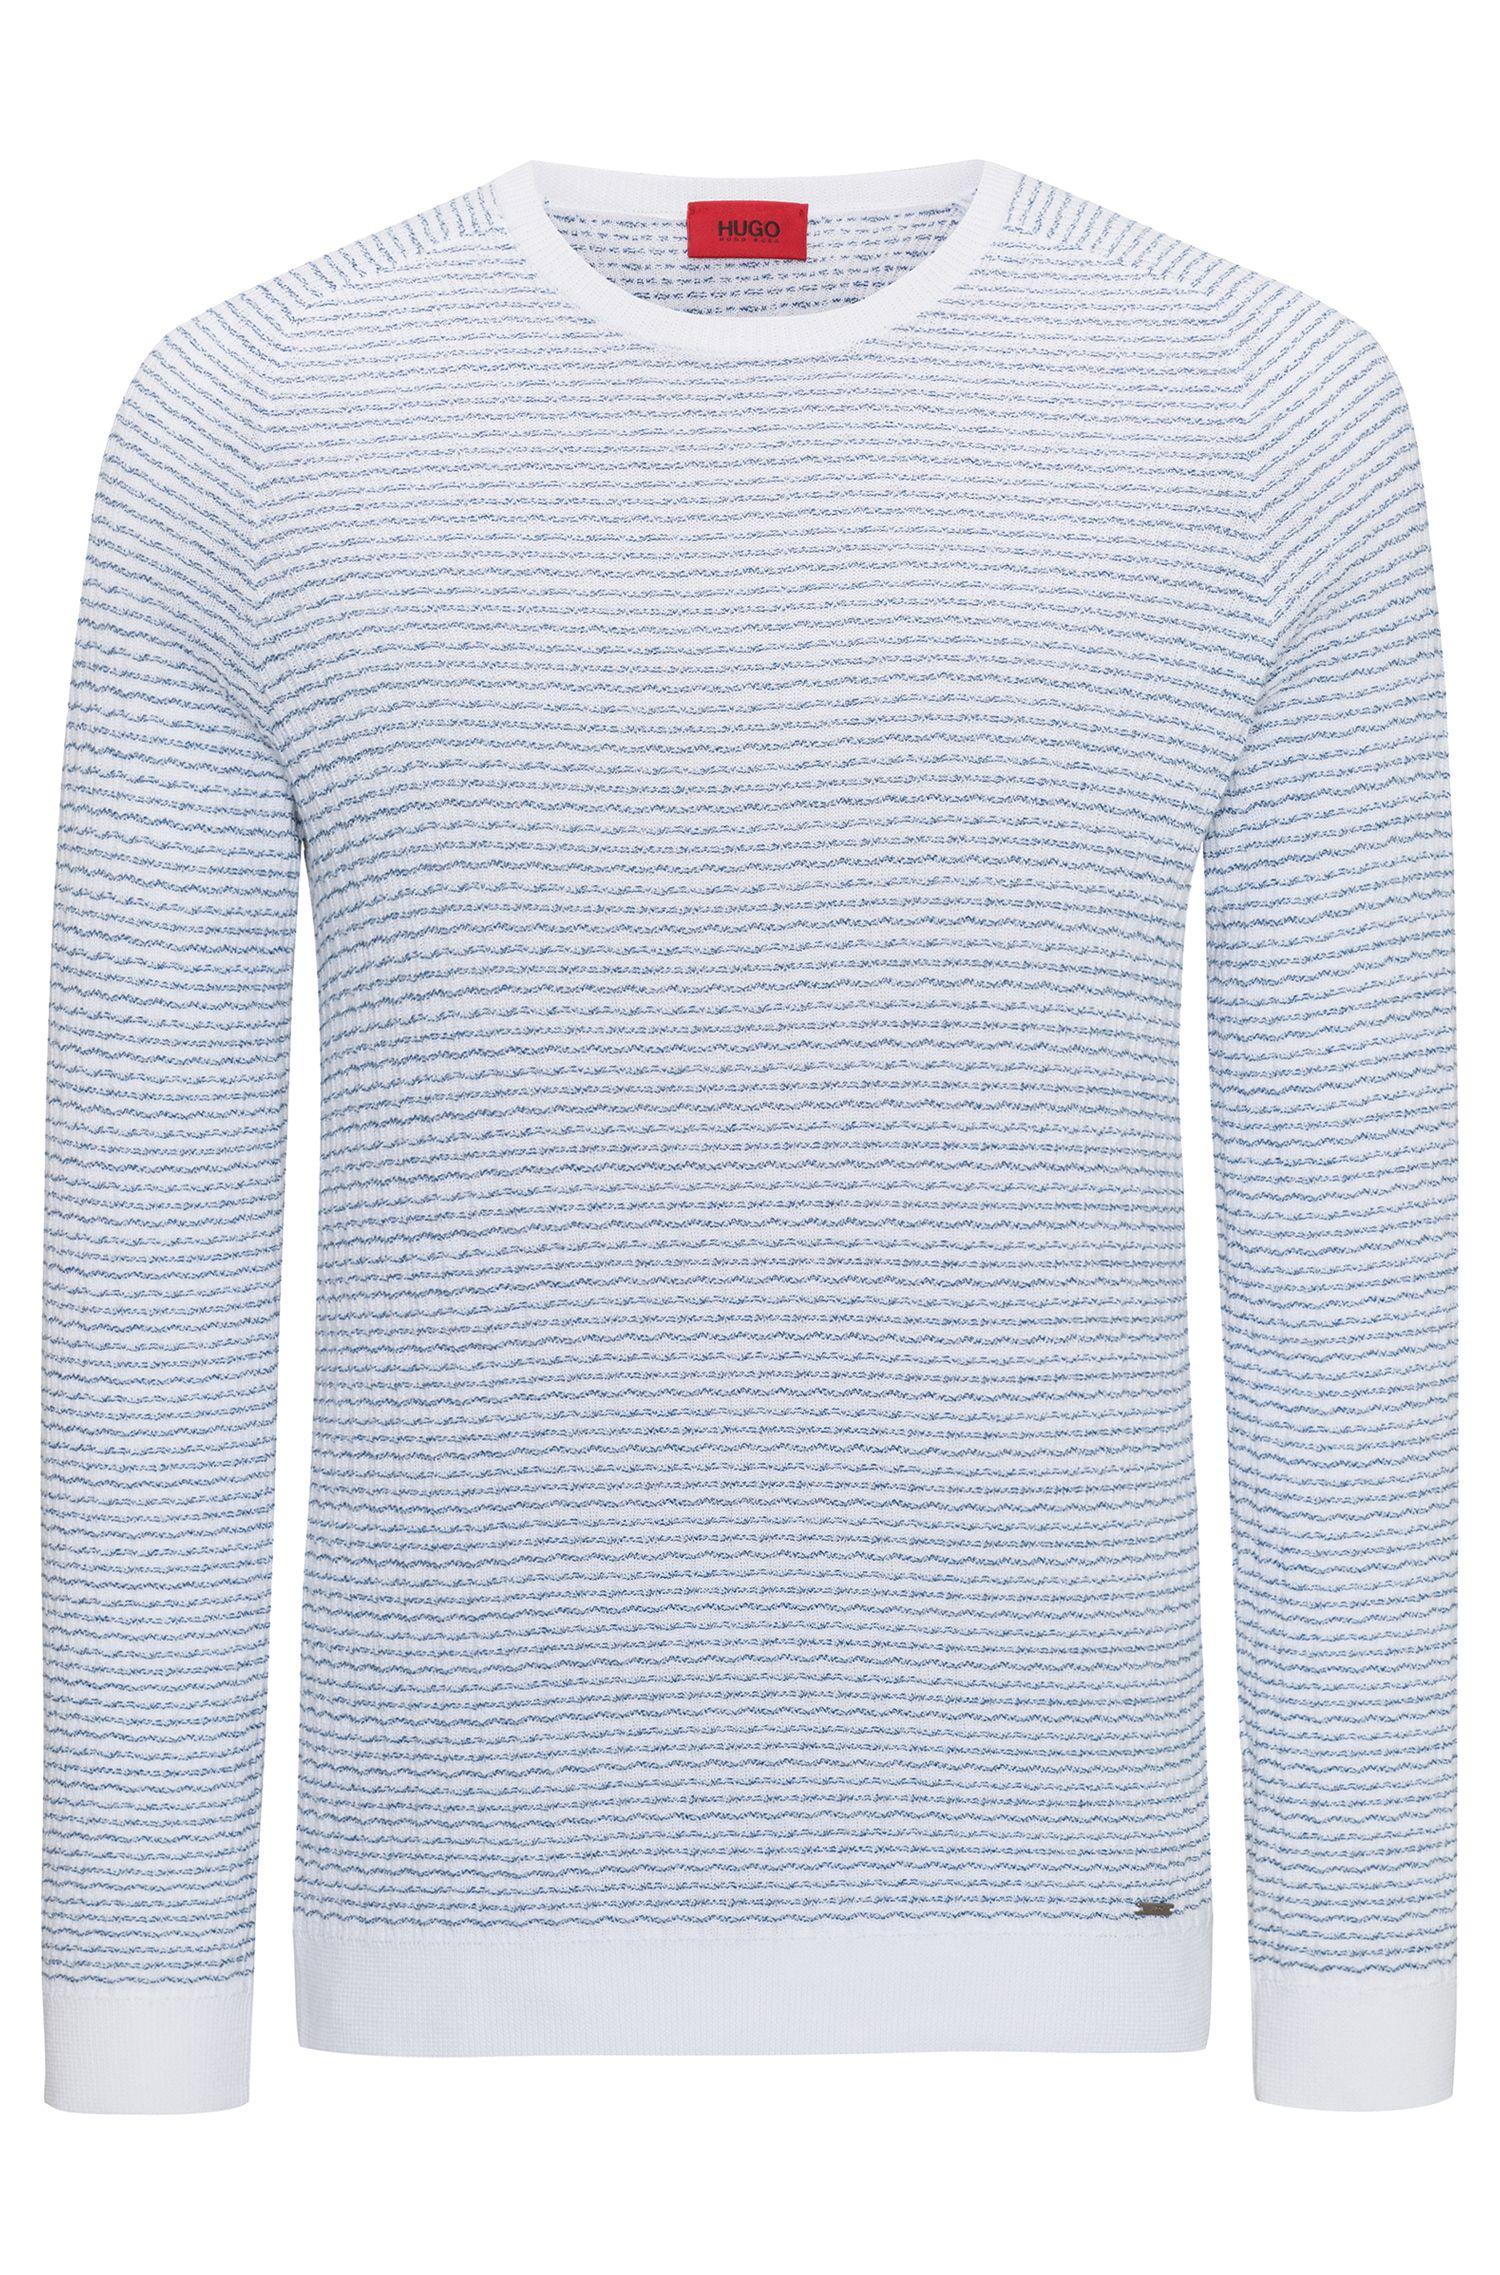 Jersey de algodón con textura de sirsaca